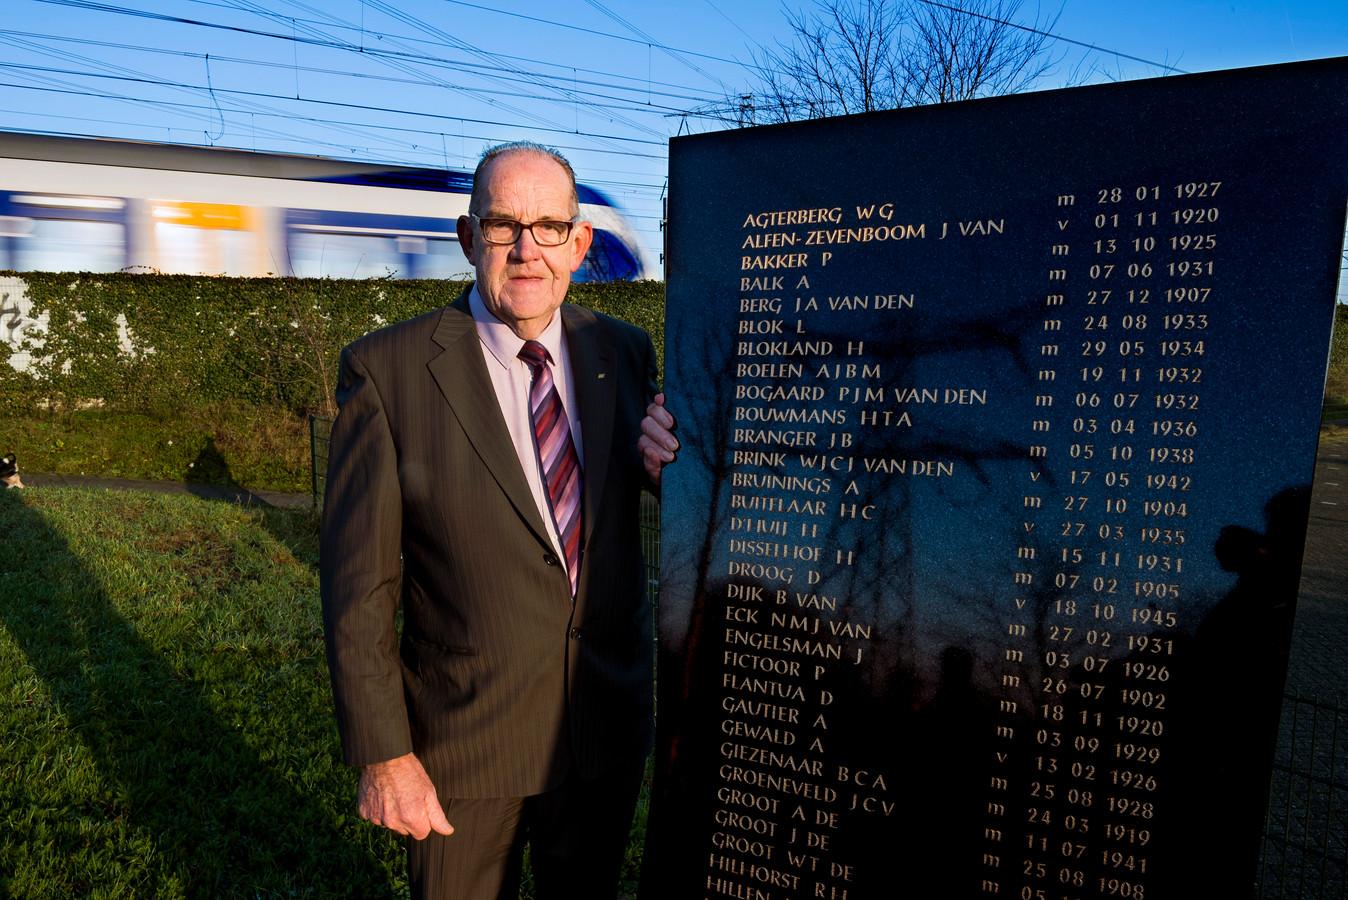 Als de nu 77-jarige André Smeding poseert bij de herdenkingsplek, wordt hij herkend door oudere Harmelenaren, die zich de treinramp nog goed kunnen herinneren.